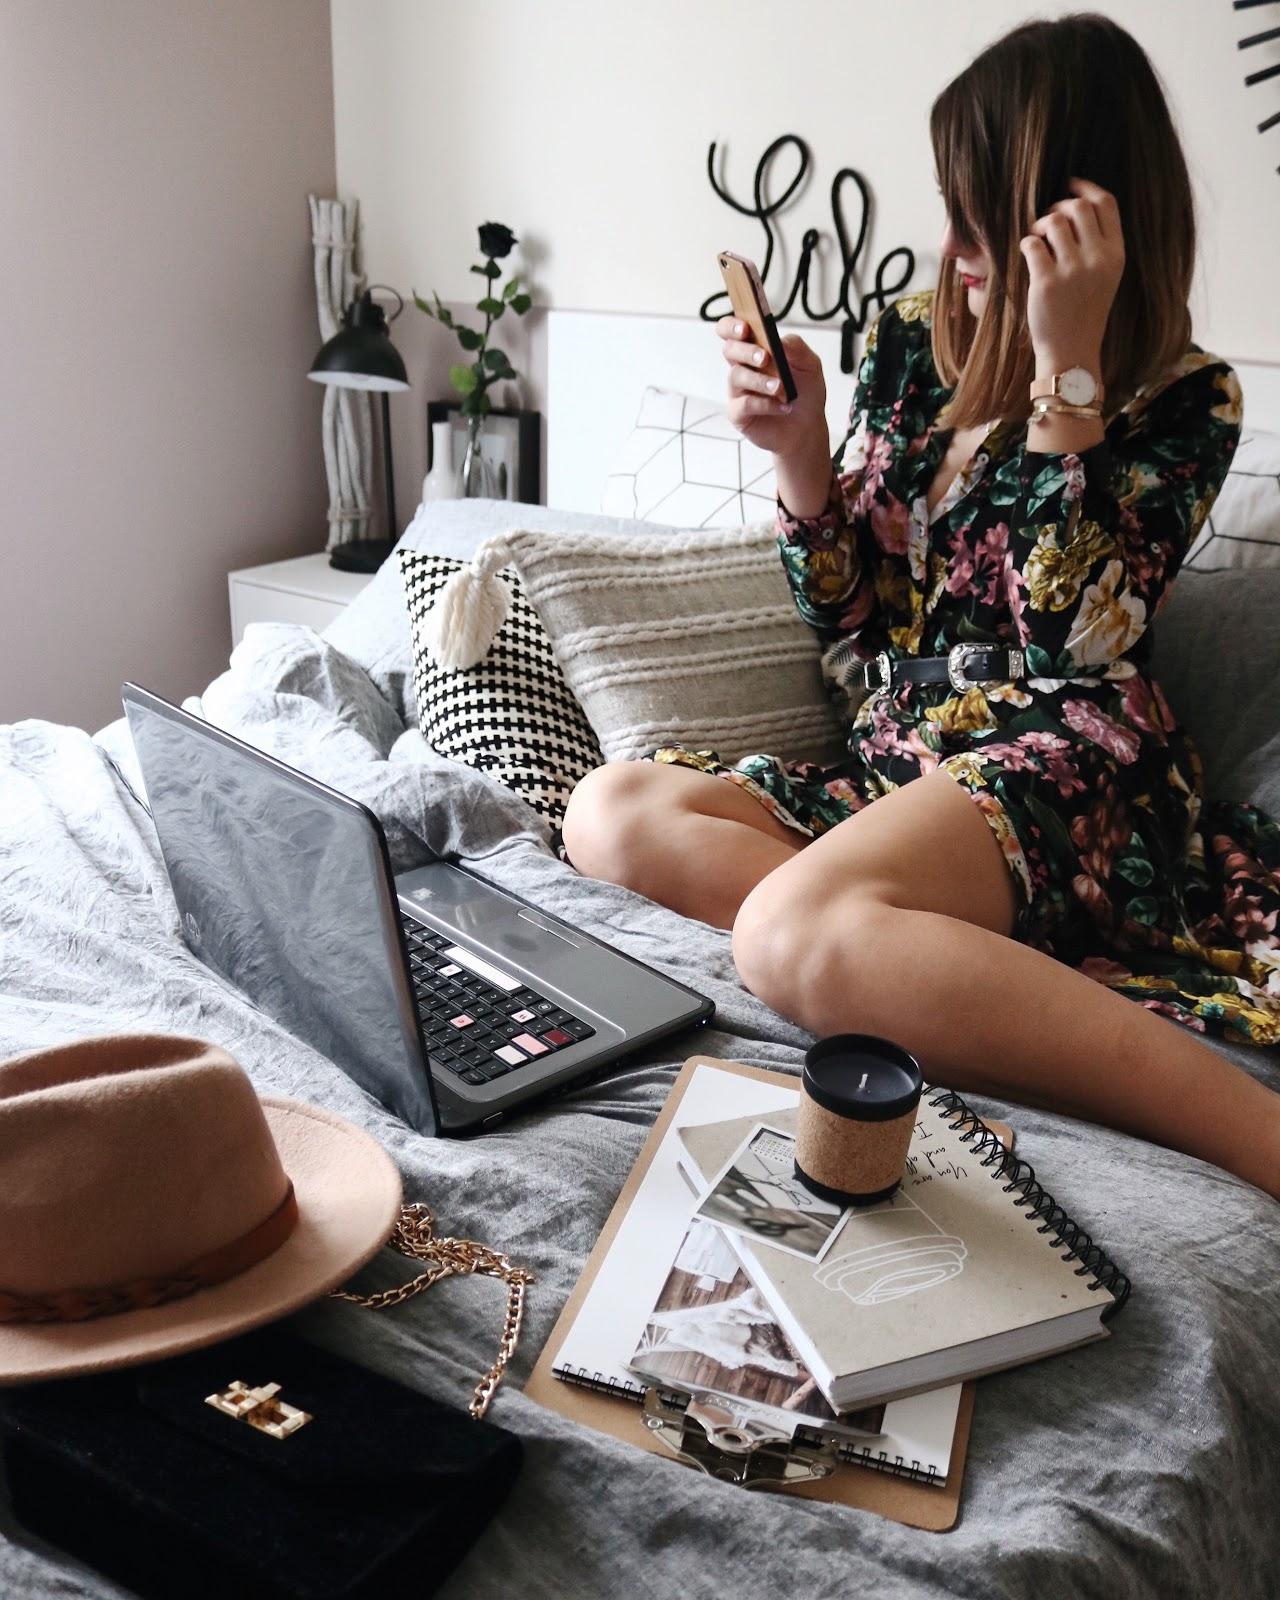 pauline-dress-dimanche-blog-mode-deco-lifestyle-besancon-doubs-fille-blogueuse-blogueur-selection-tendances-eshops-wishlist-mango-asos-pimkie-topshop